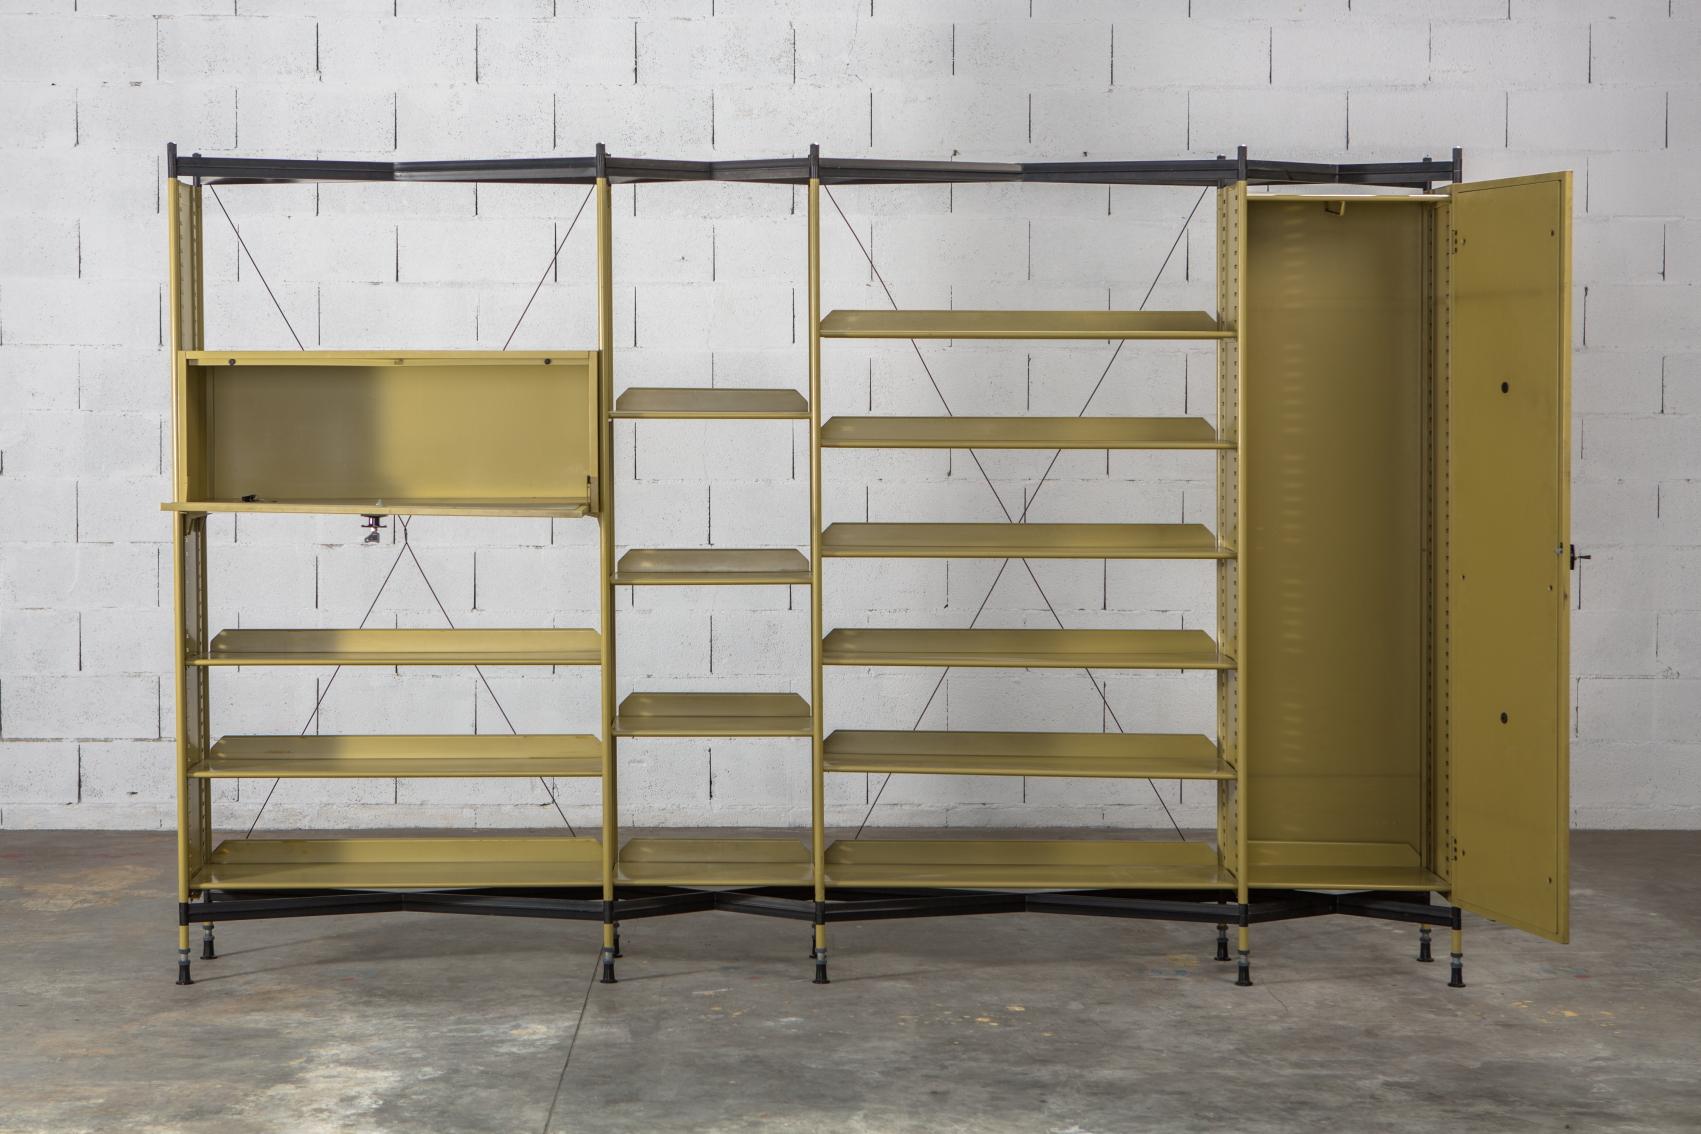 Olivetti ''Spazio'' Shelving System by B.B.P.R.